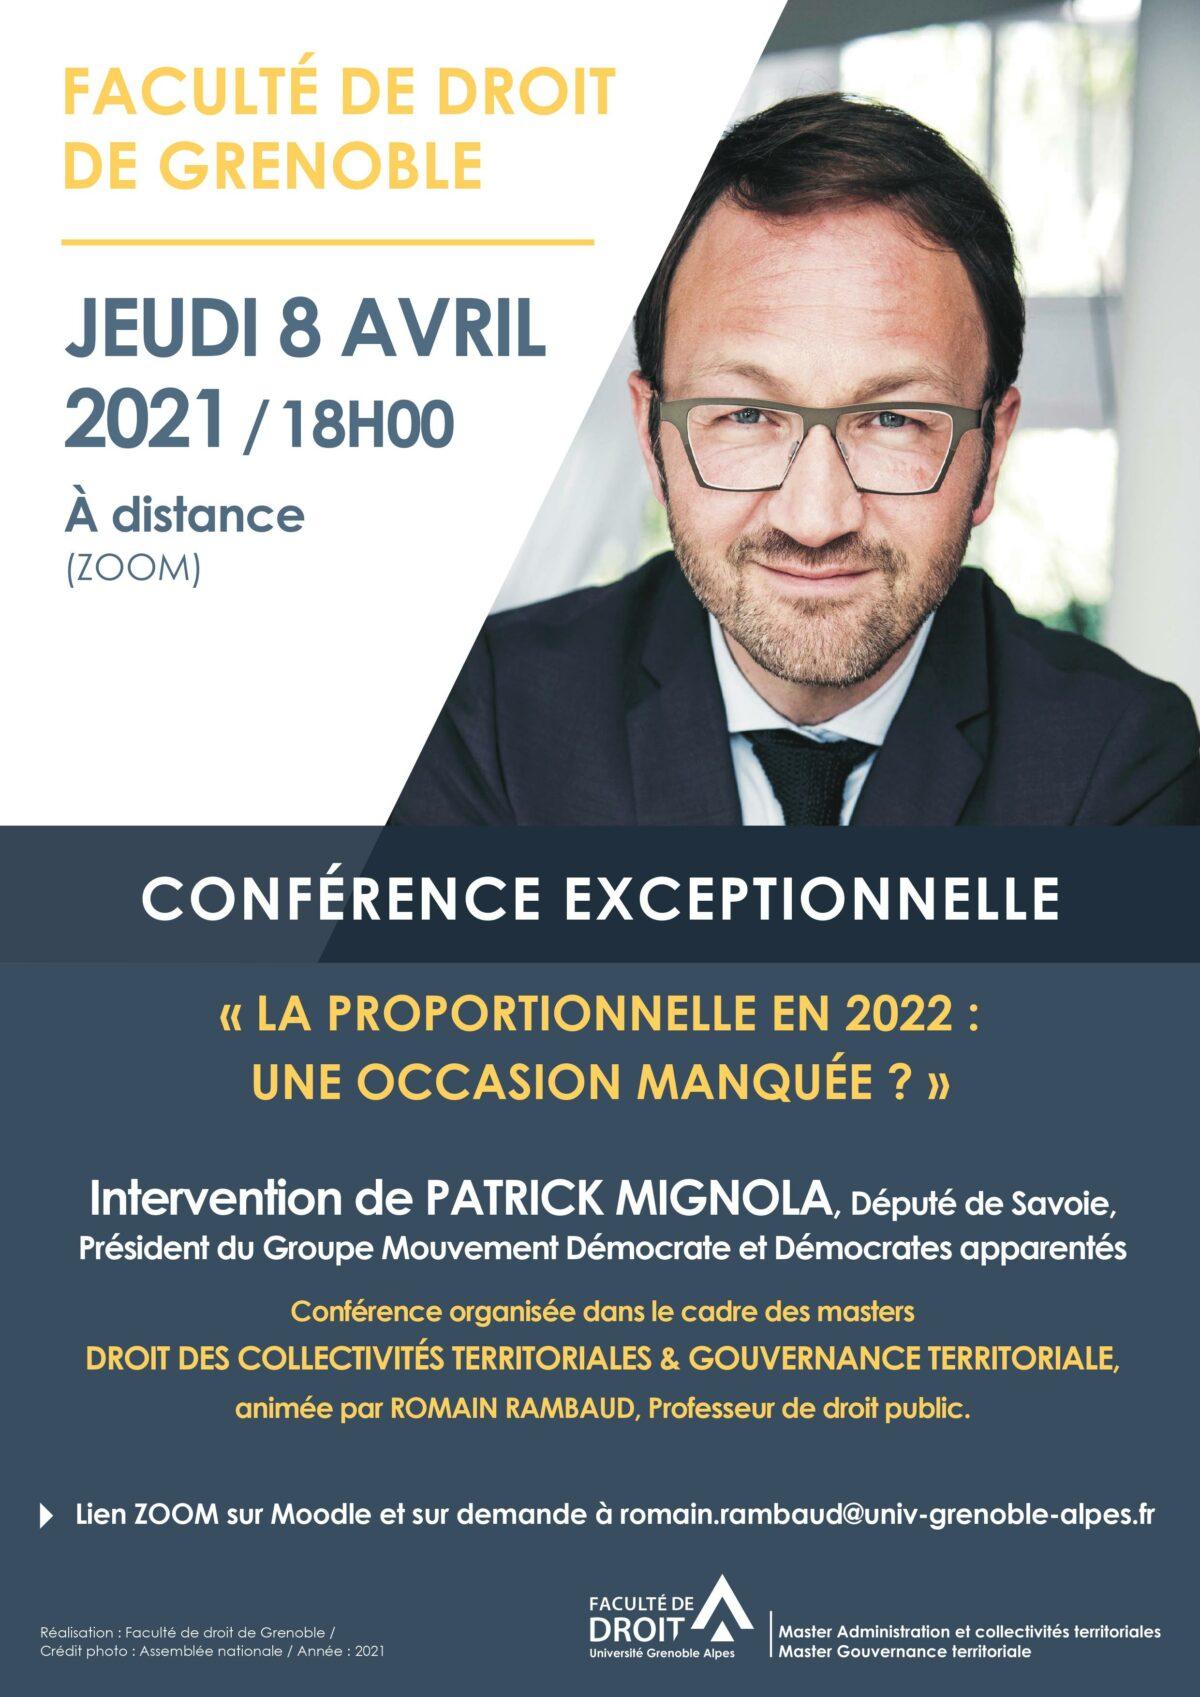 Conférence du Master Droit des collectivités territoriales de l'Université Grenoble-Alpes / Patrick Mignola, «La proportionnelle en 2022 : une occasion manquée» ? [8 avril, 18h, Zoom]